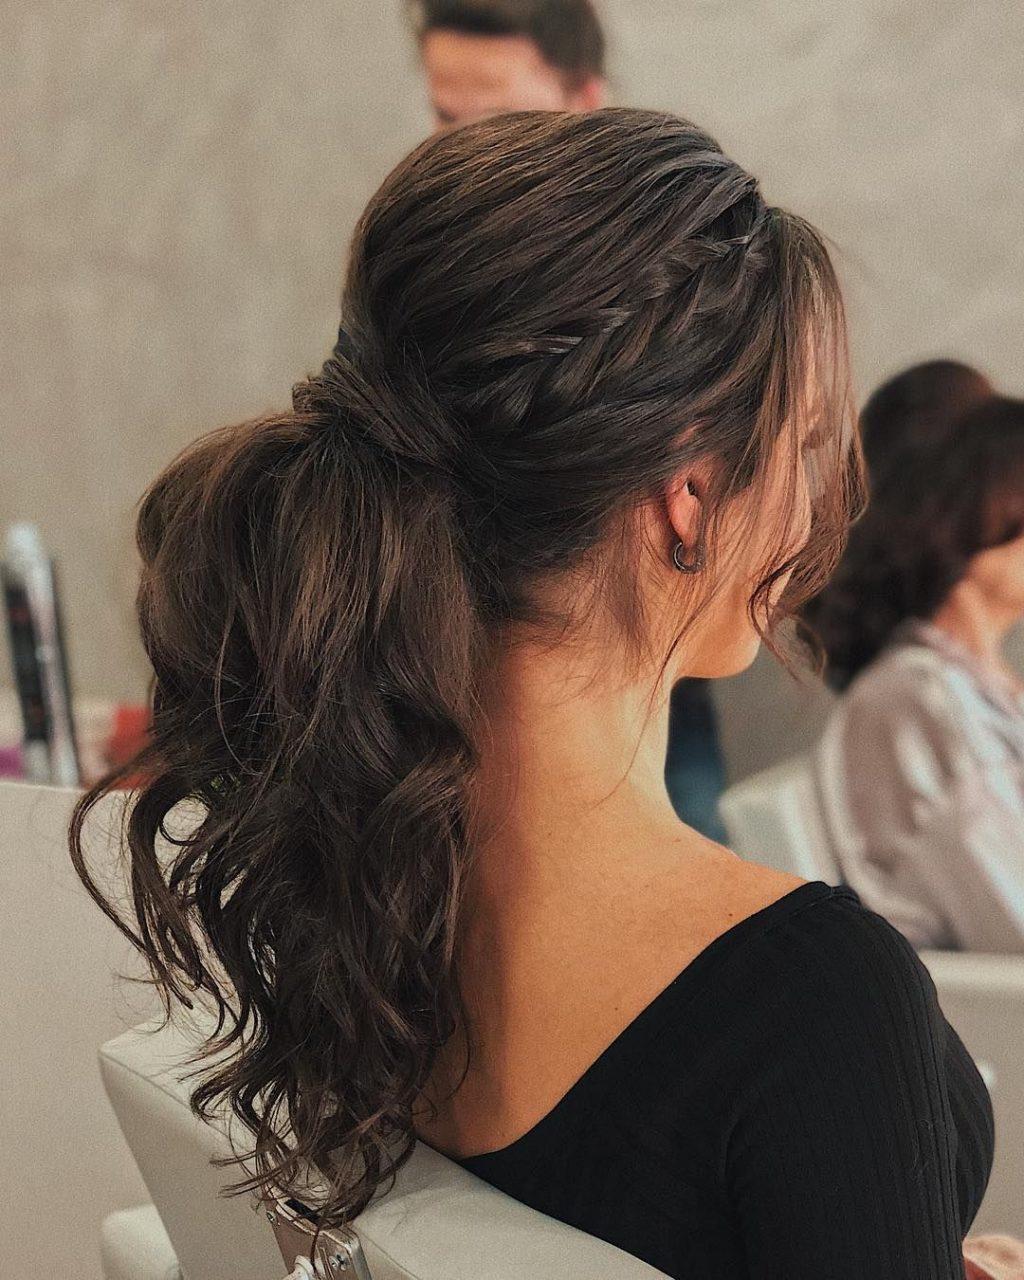 tóc đuôi ngựa mùa hè 28